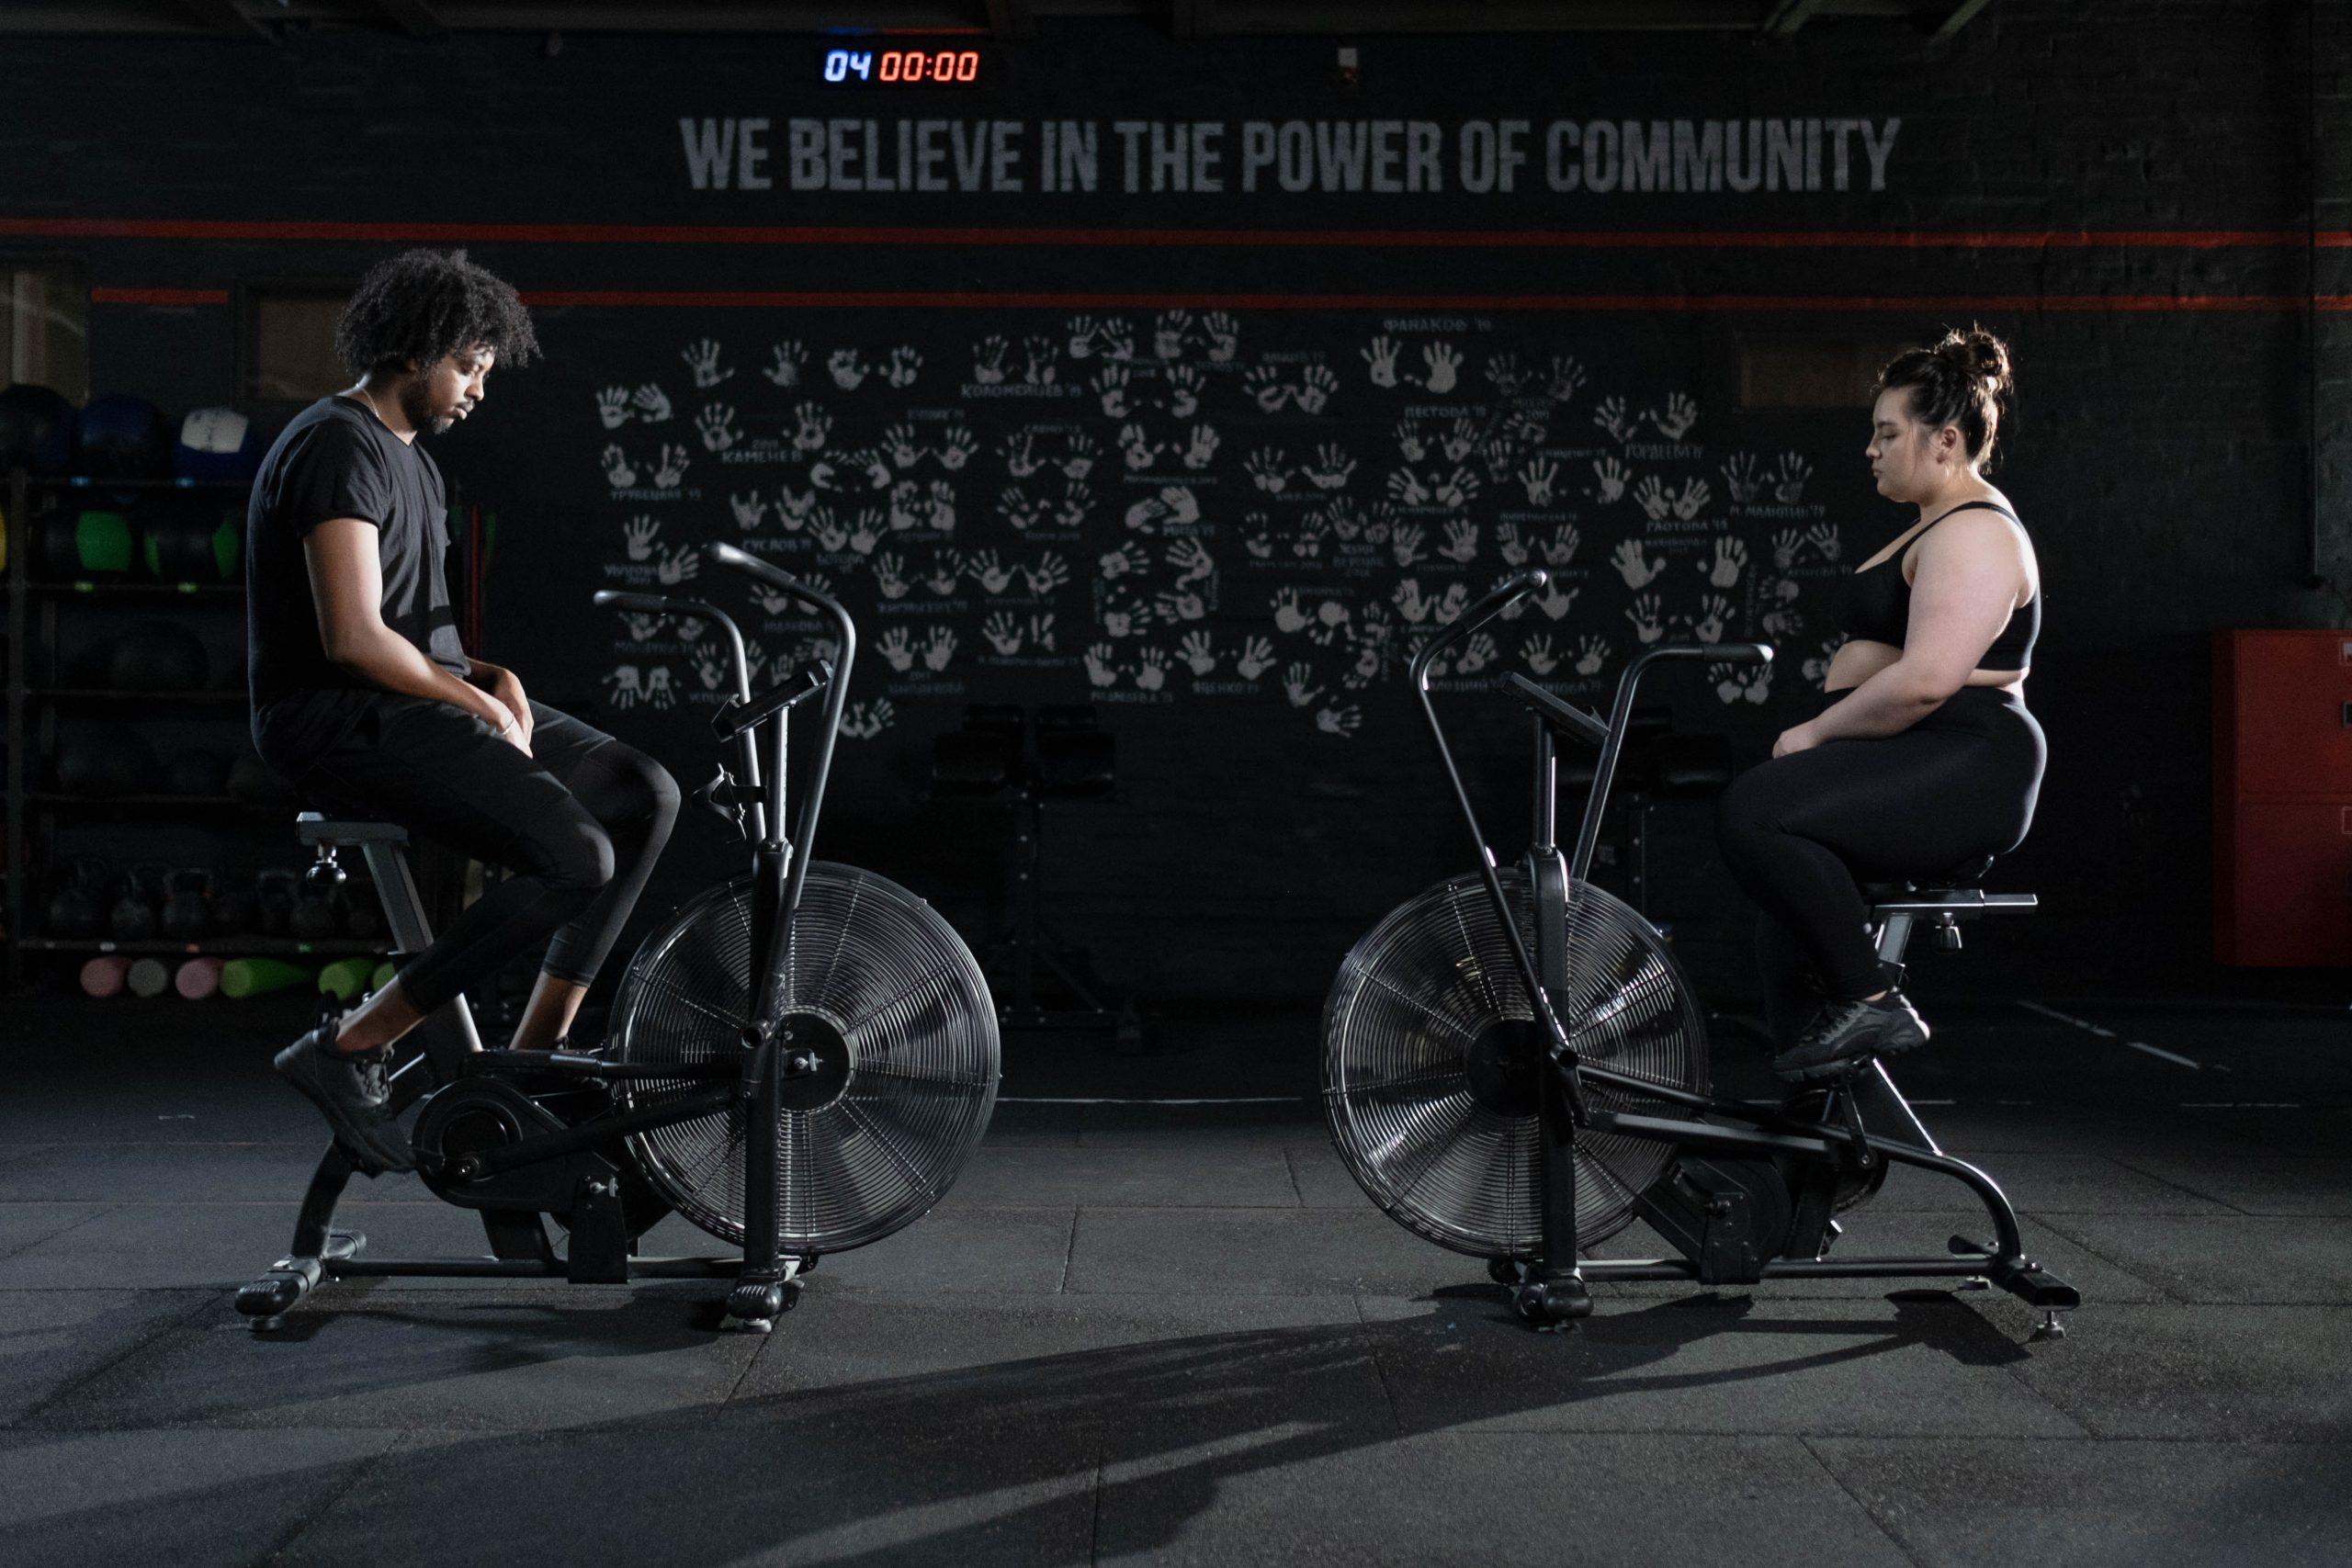 Dos personas en bicicleta estacionaria